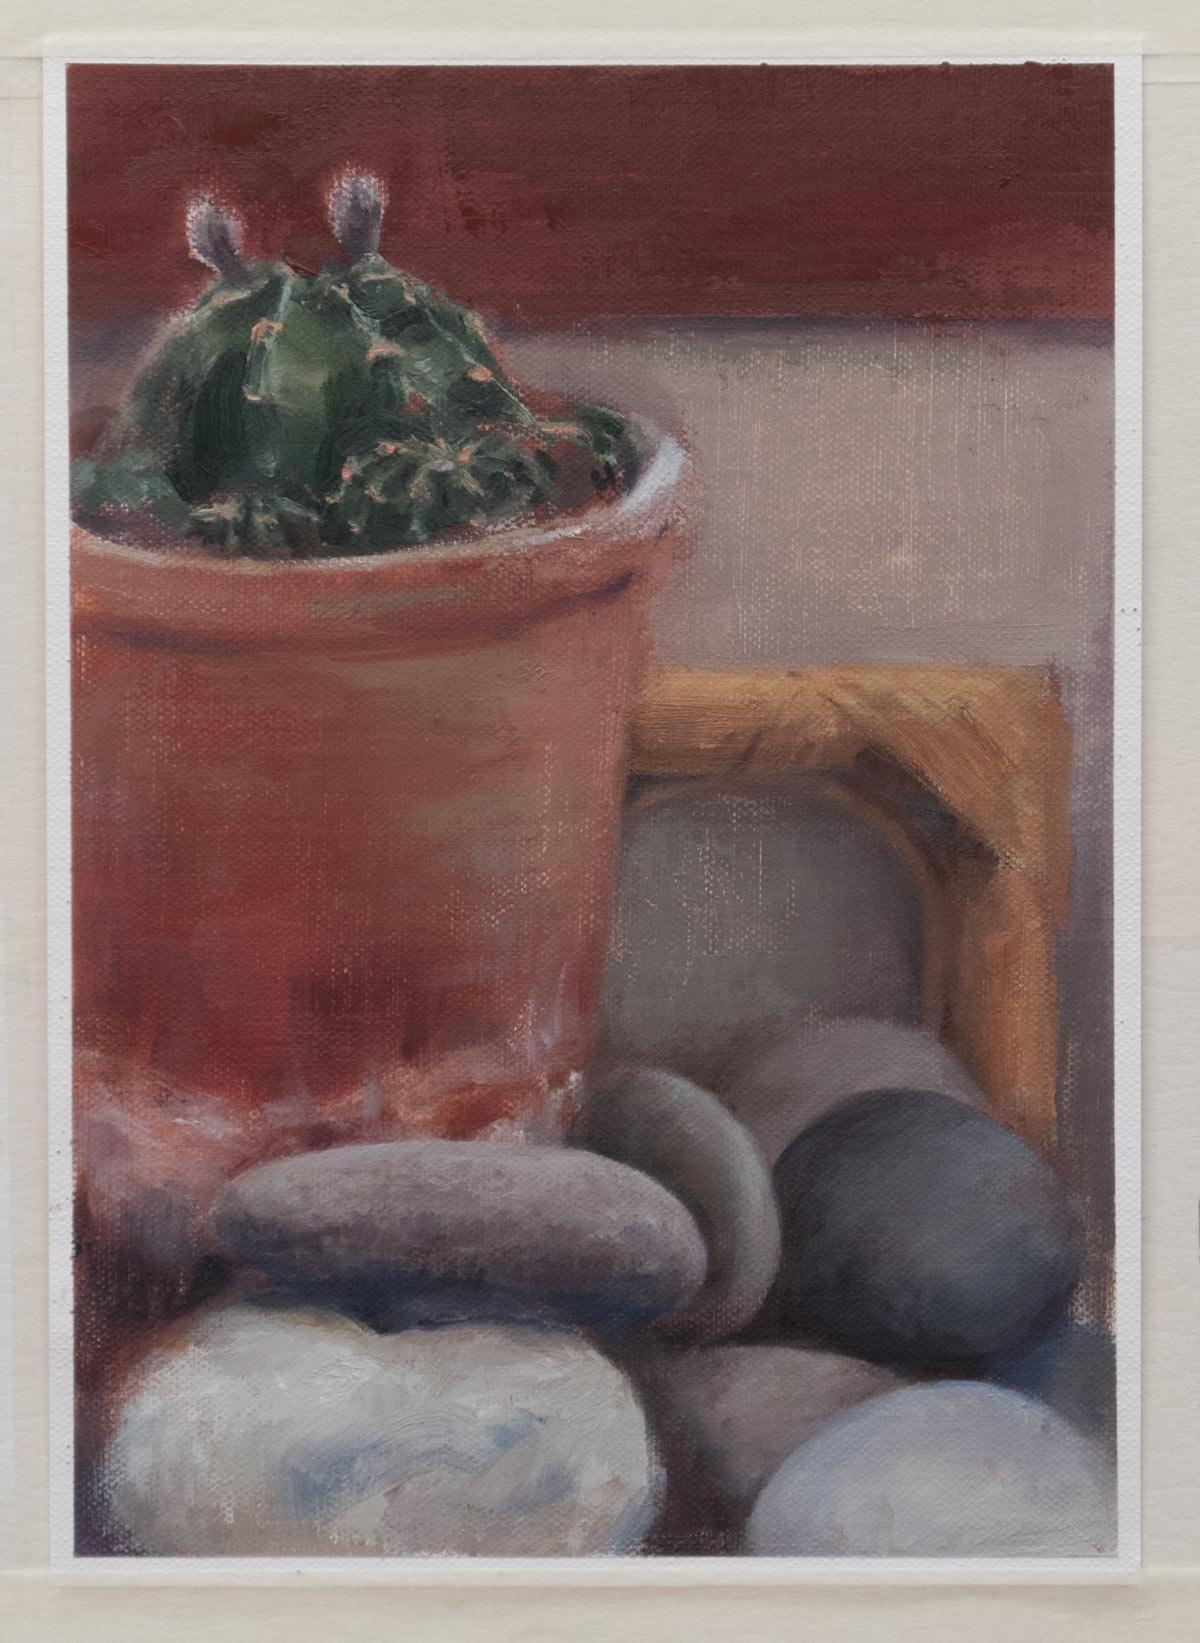 cactus-stones-1200_0804